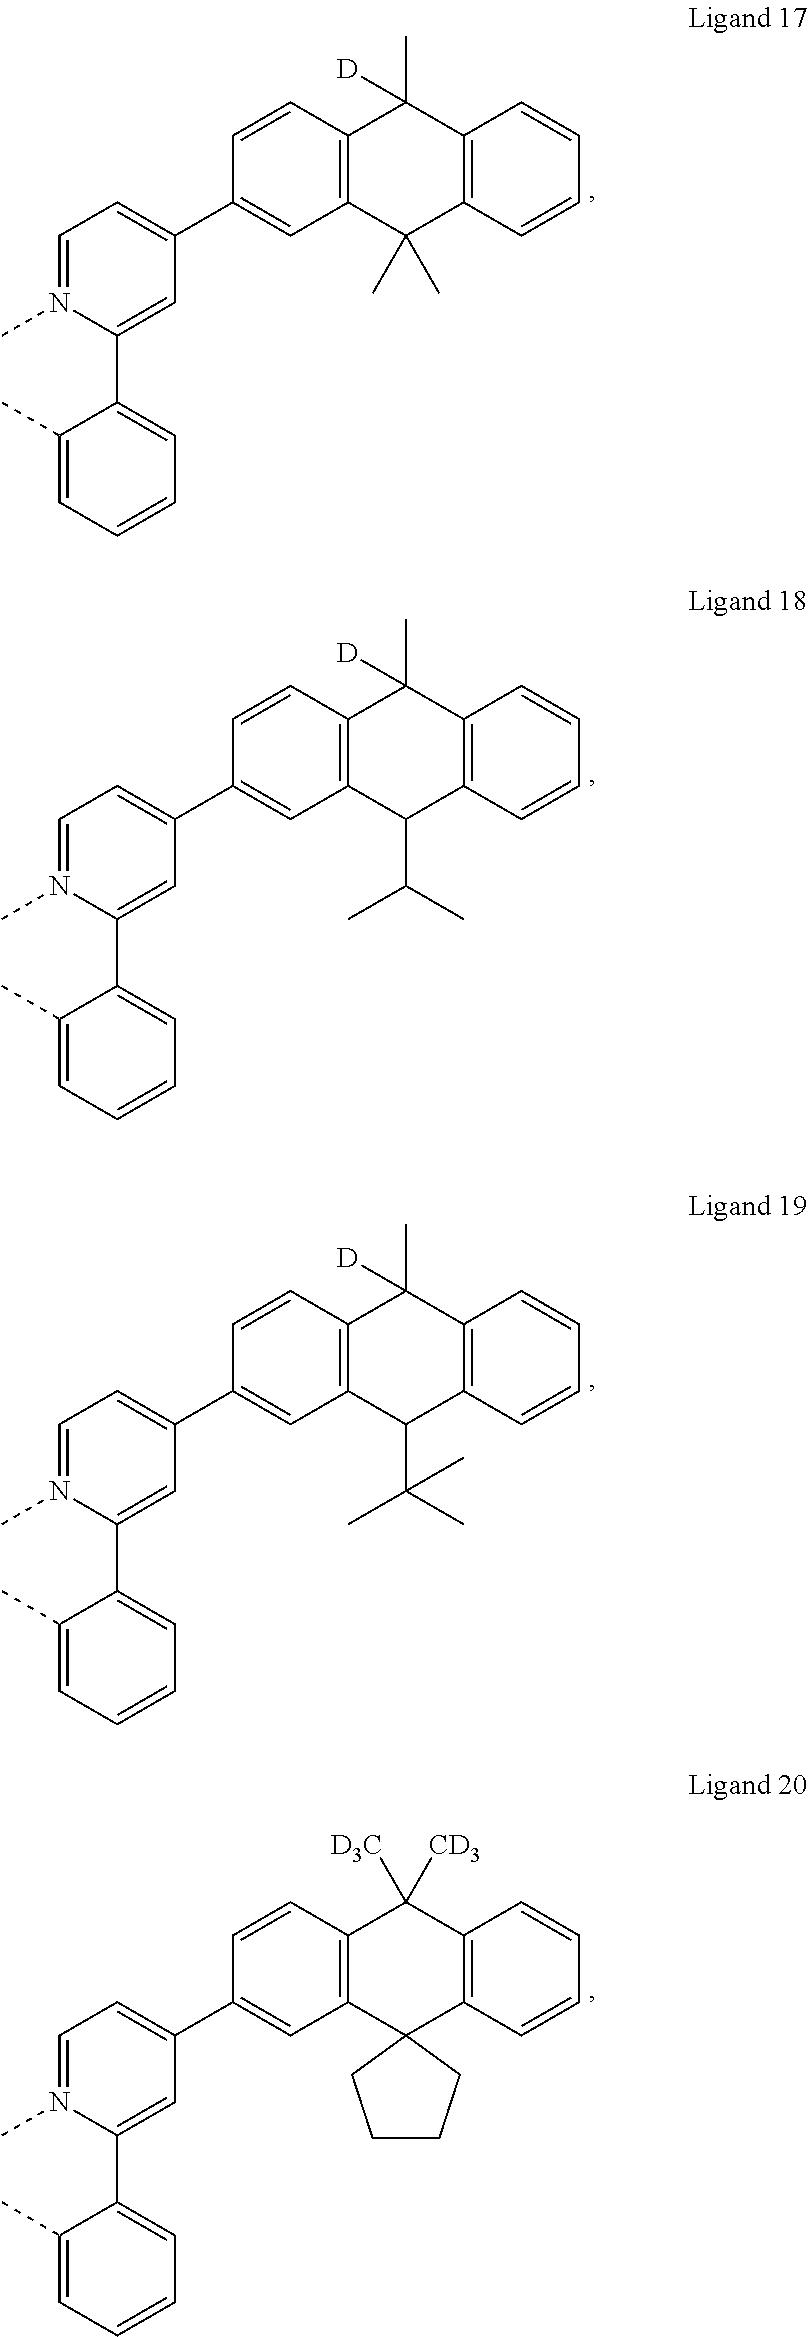 Figure US20180130962A1-20180510-C00034